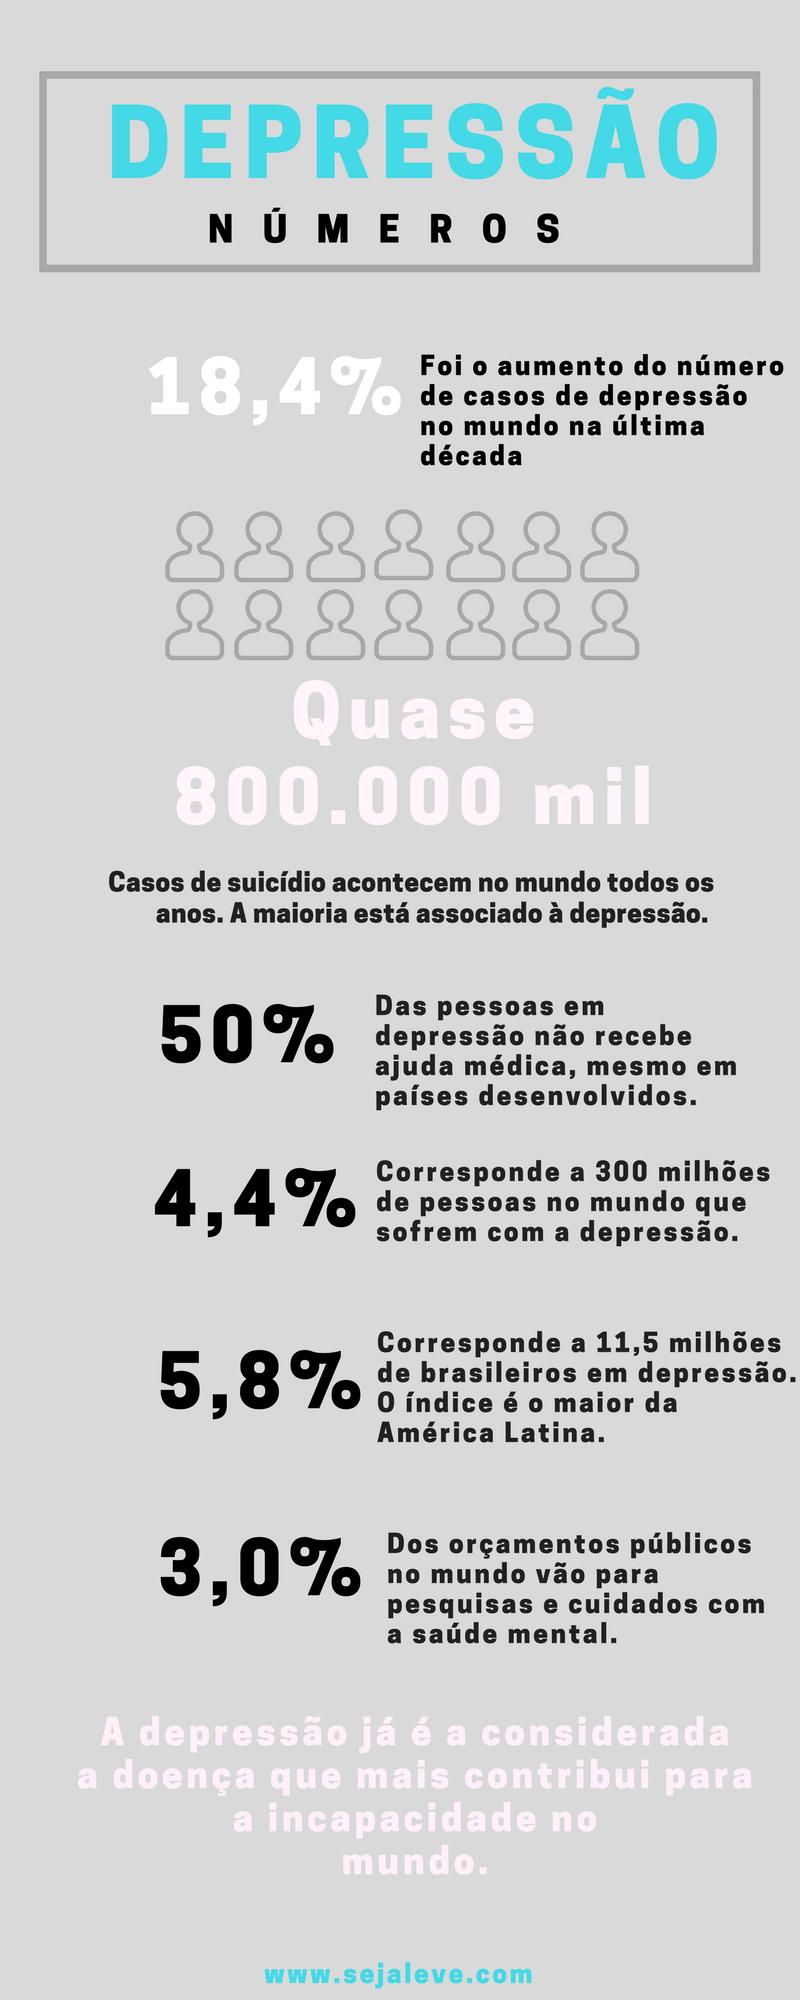 estatísticas-depressão-1 Pare um instante e leia esse relato sobre a depressão - ESCLARECEDOR